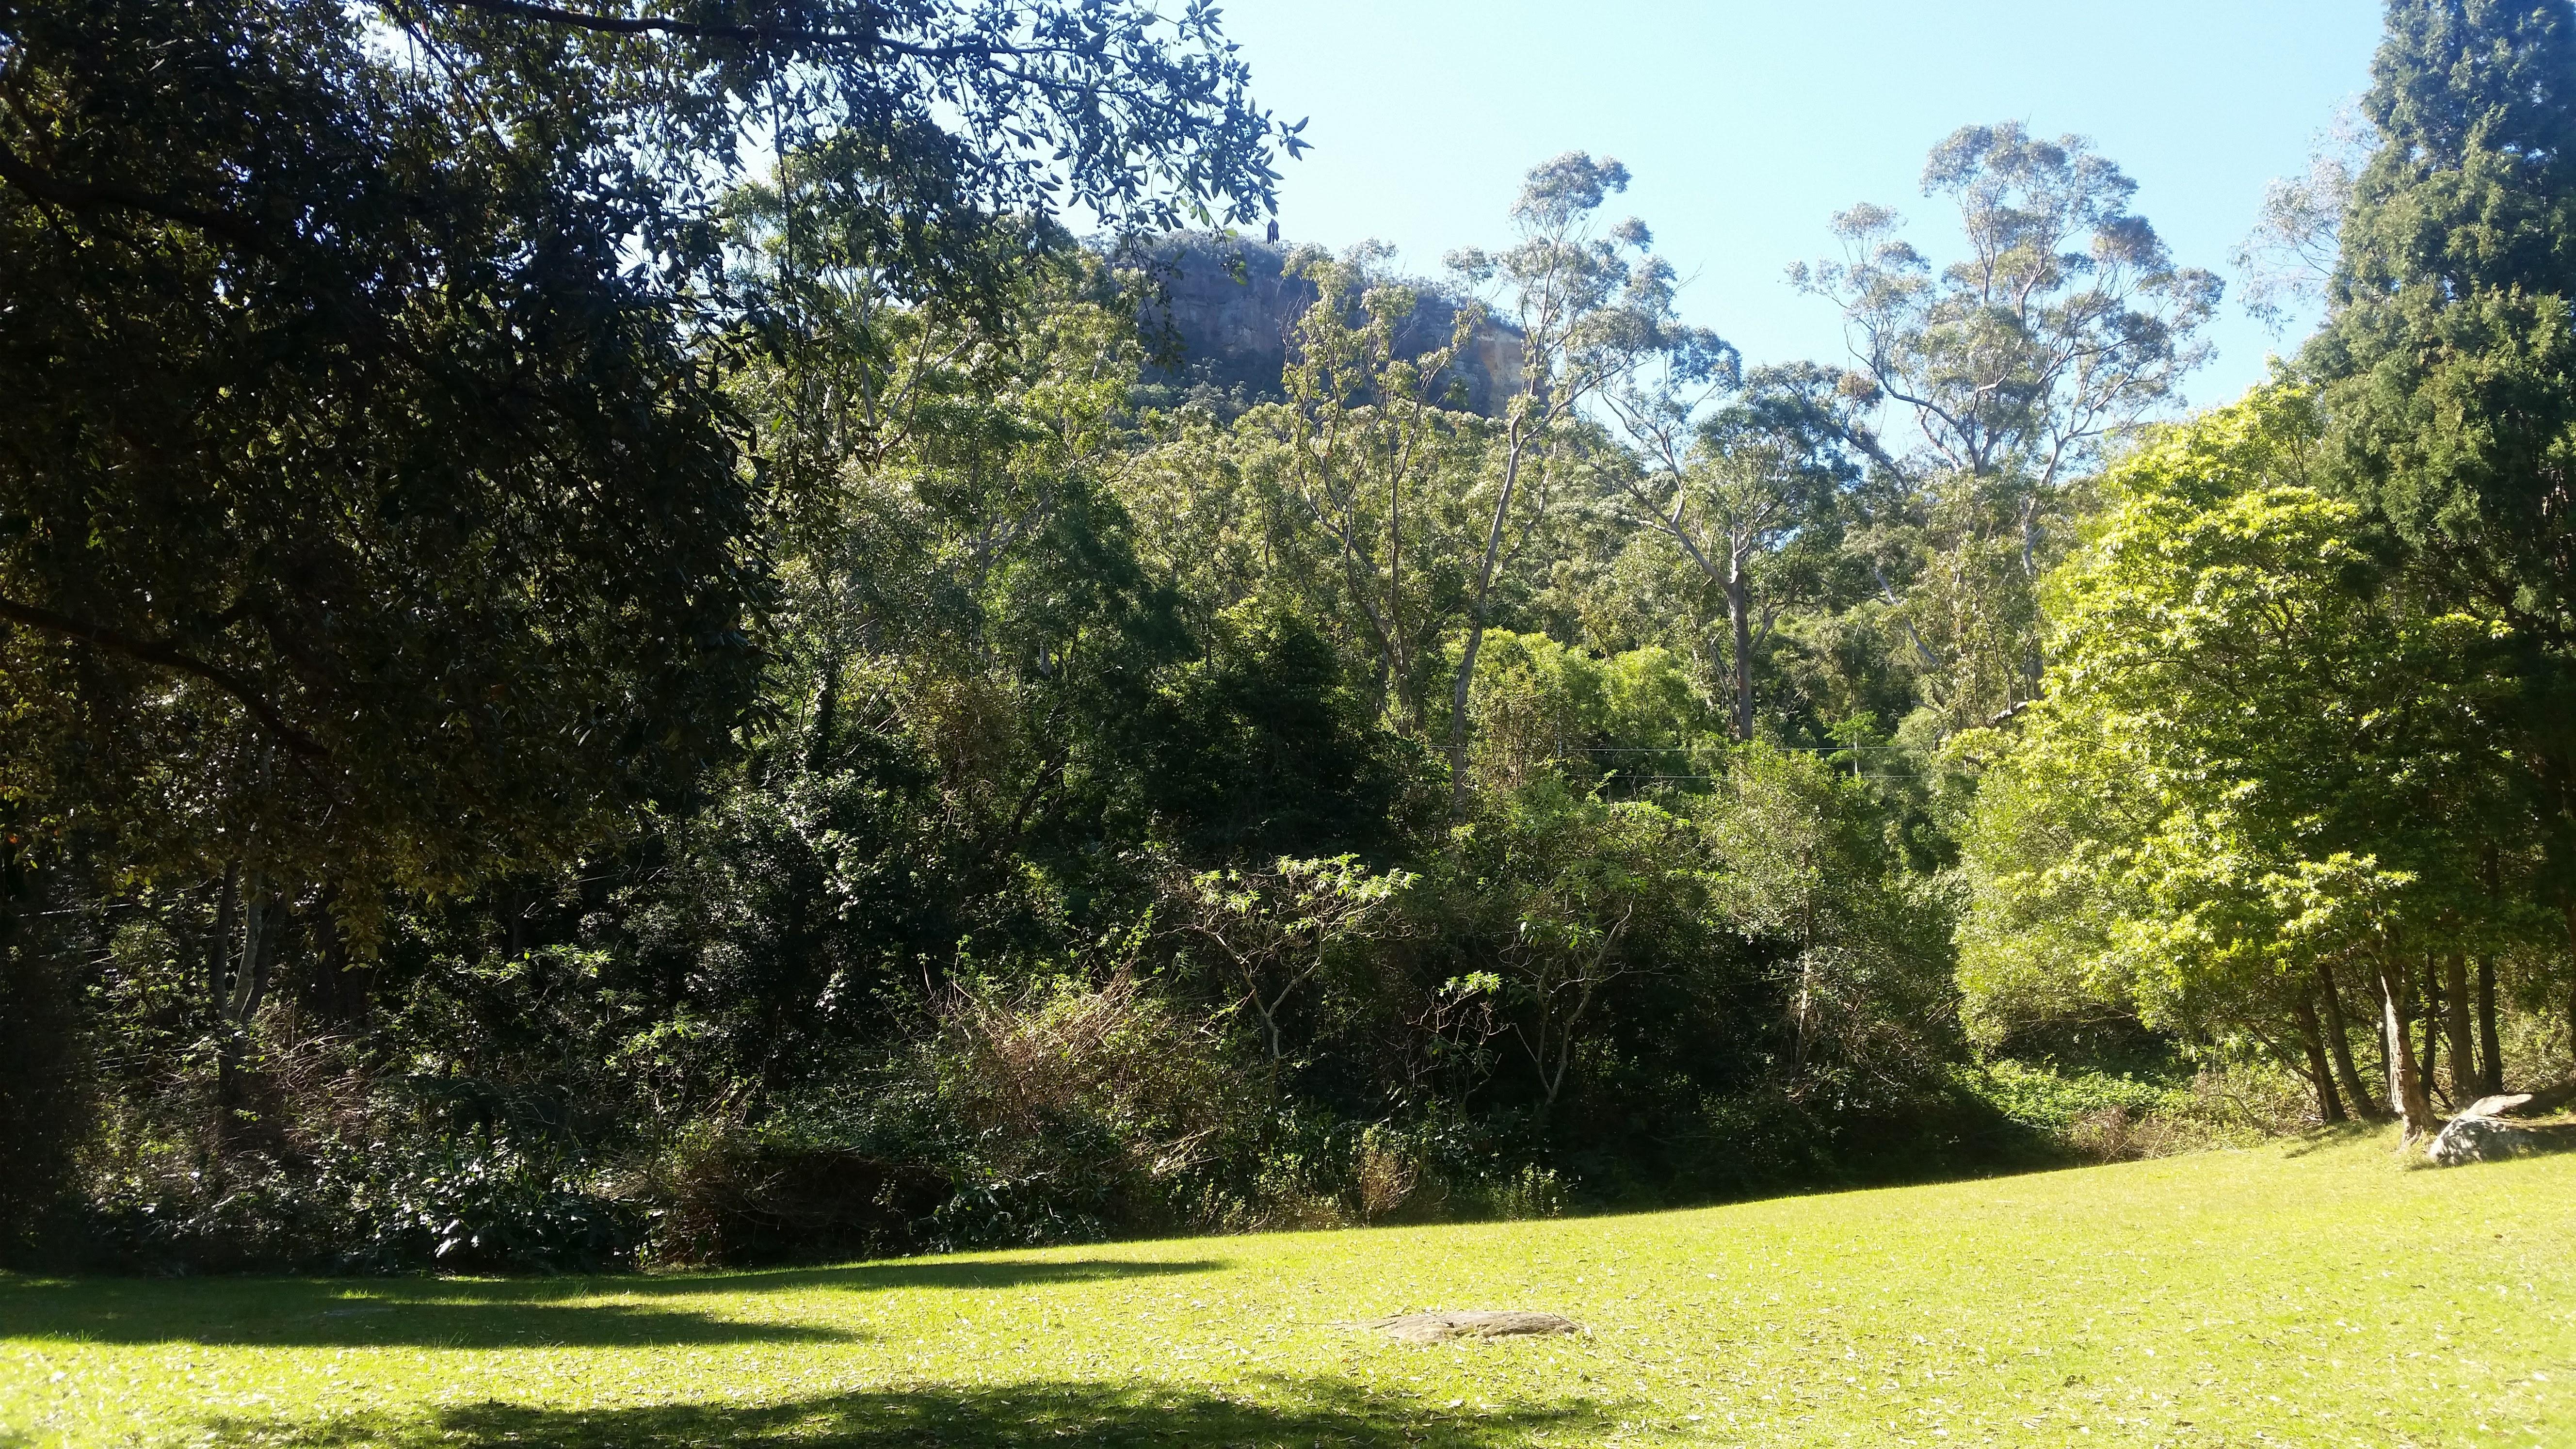 Byarong Park, Mt Keira, Wollongong